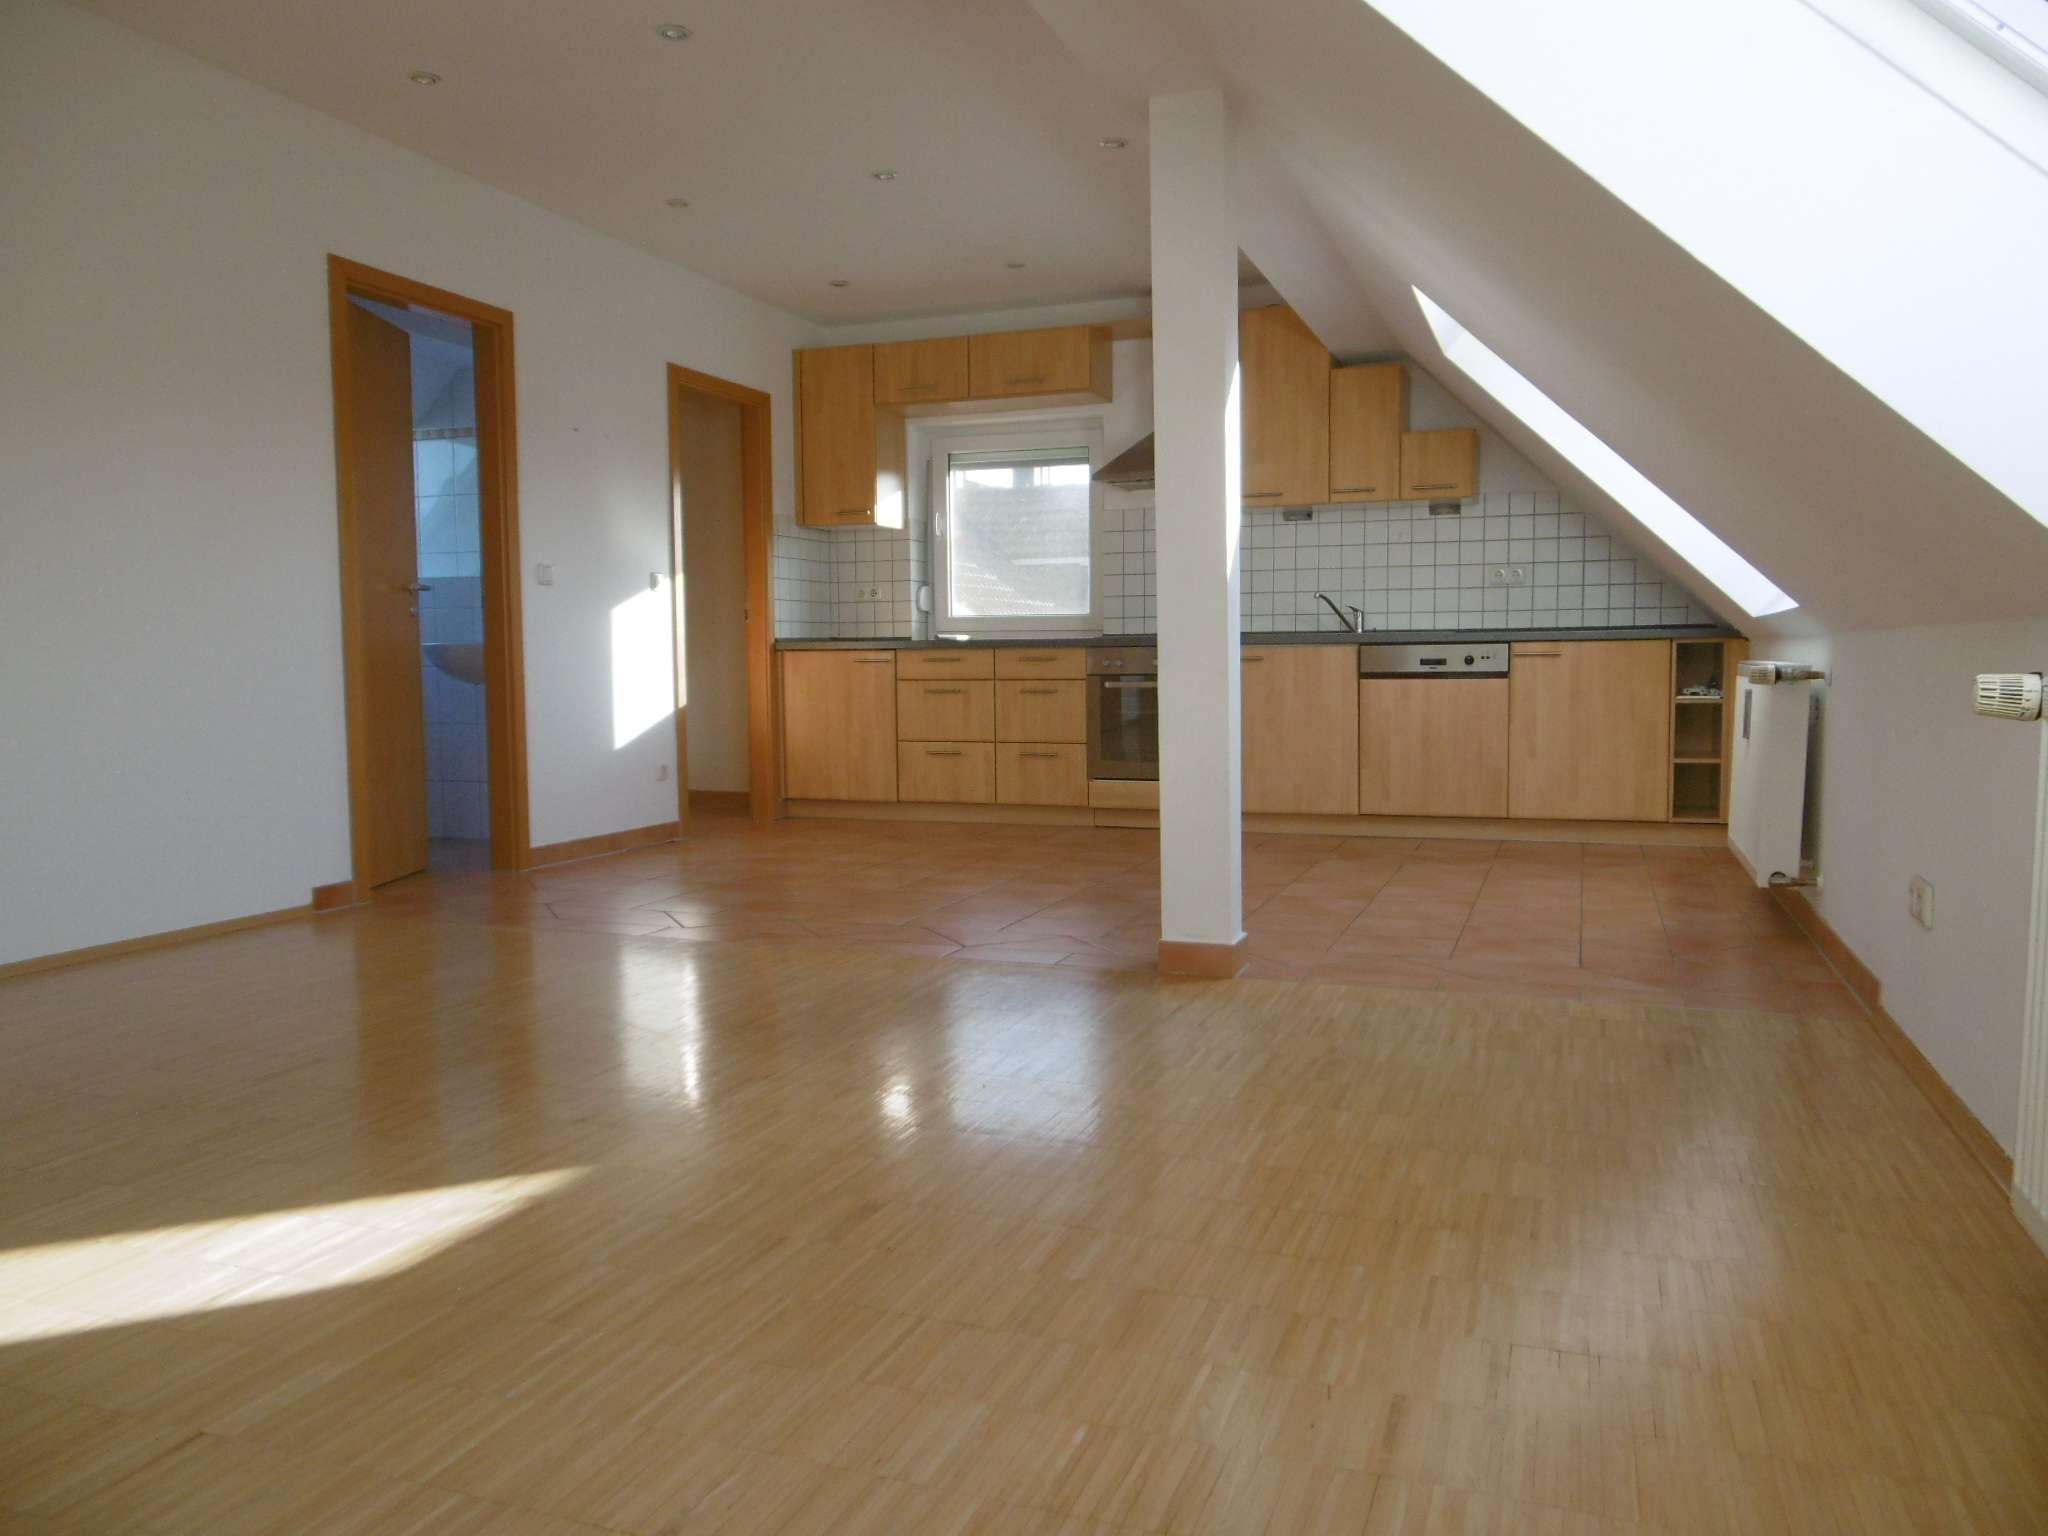 sehr schöne Gallerie-Dachgeschoss-Wohnung im Siedlungshaus im Harthof, Nähe BMW FIZ in Hasenbergl (München)